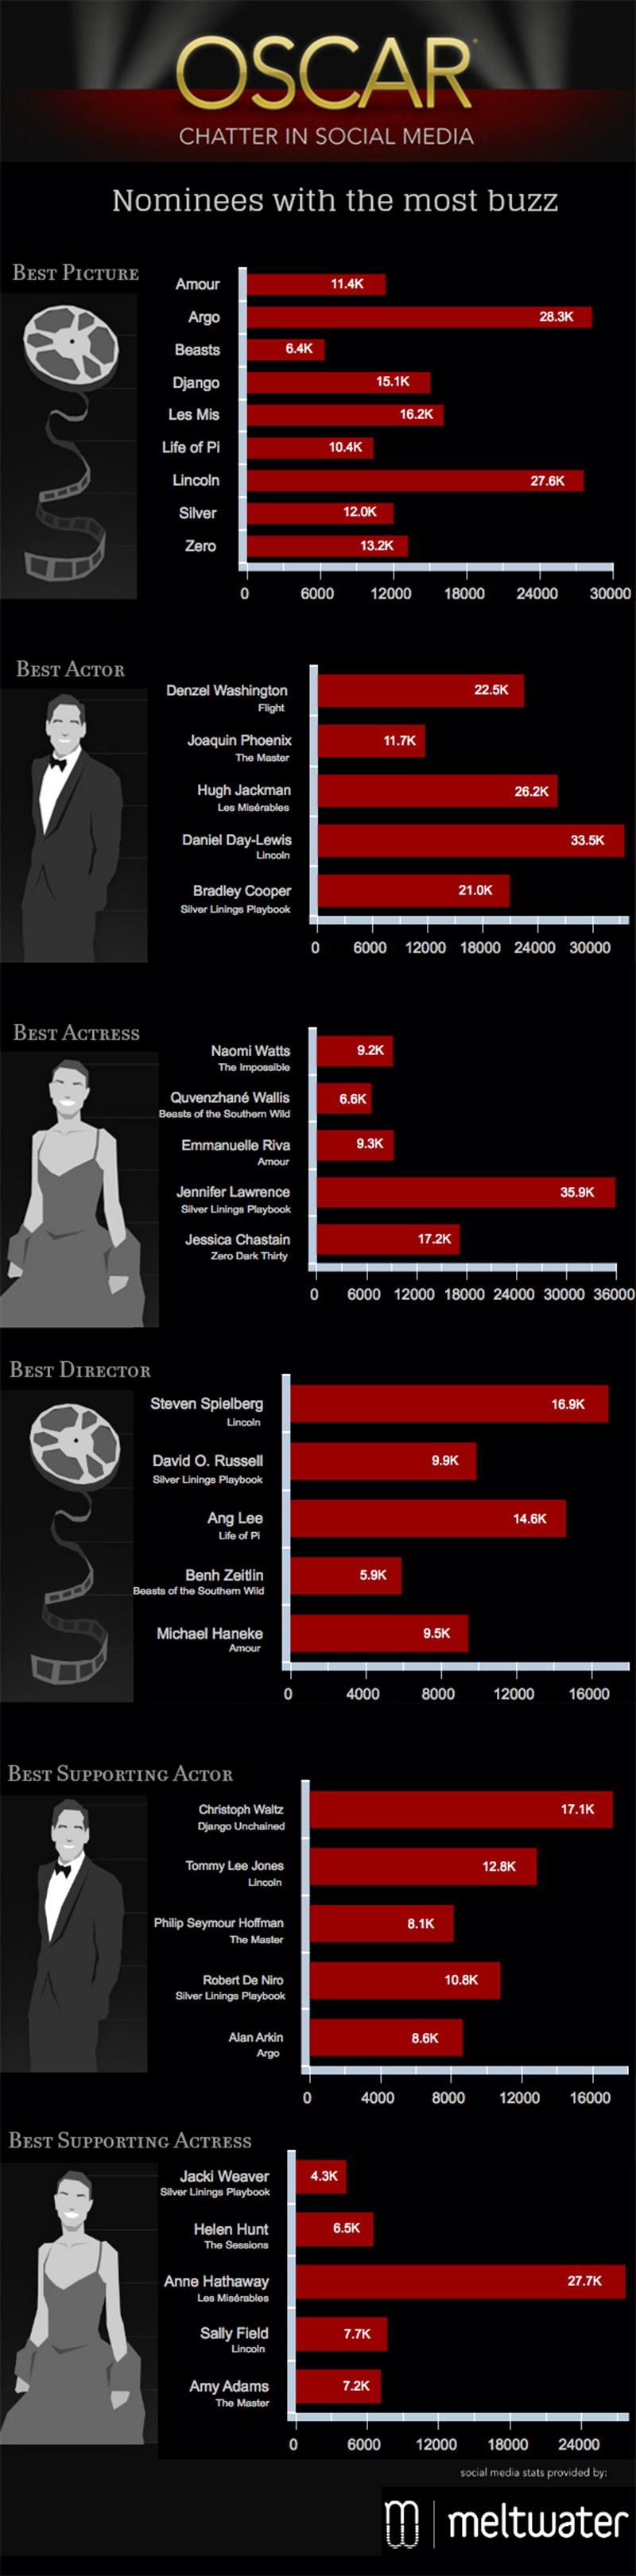 Дойде ред и на инфографиката, която Mashable публикуваха късно миналата нощ и която предвижда победителите.